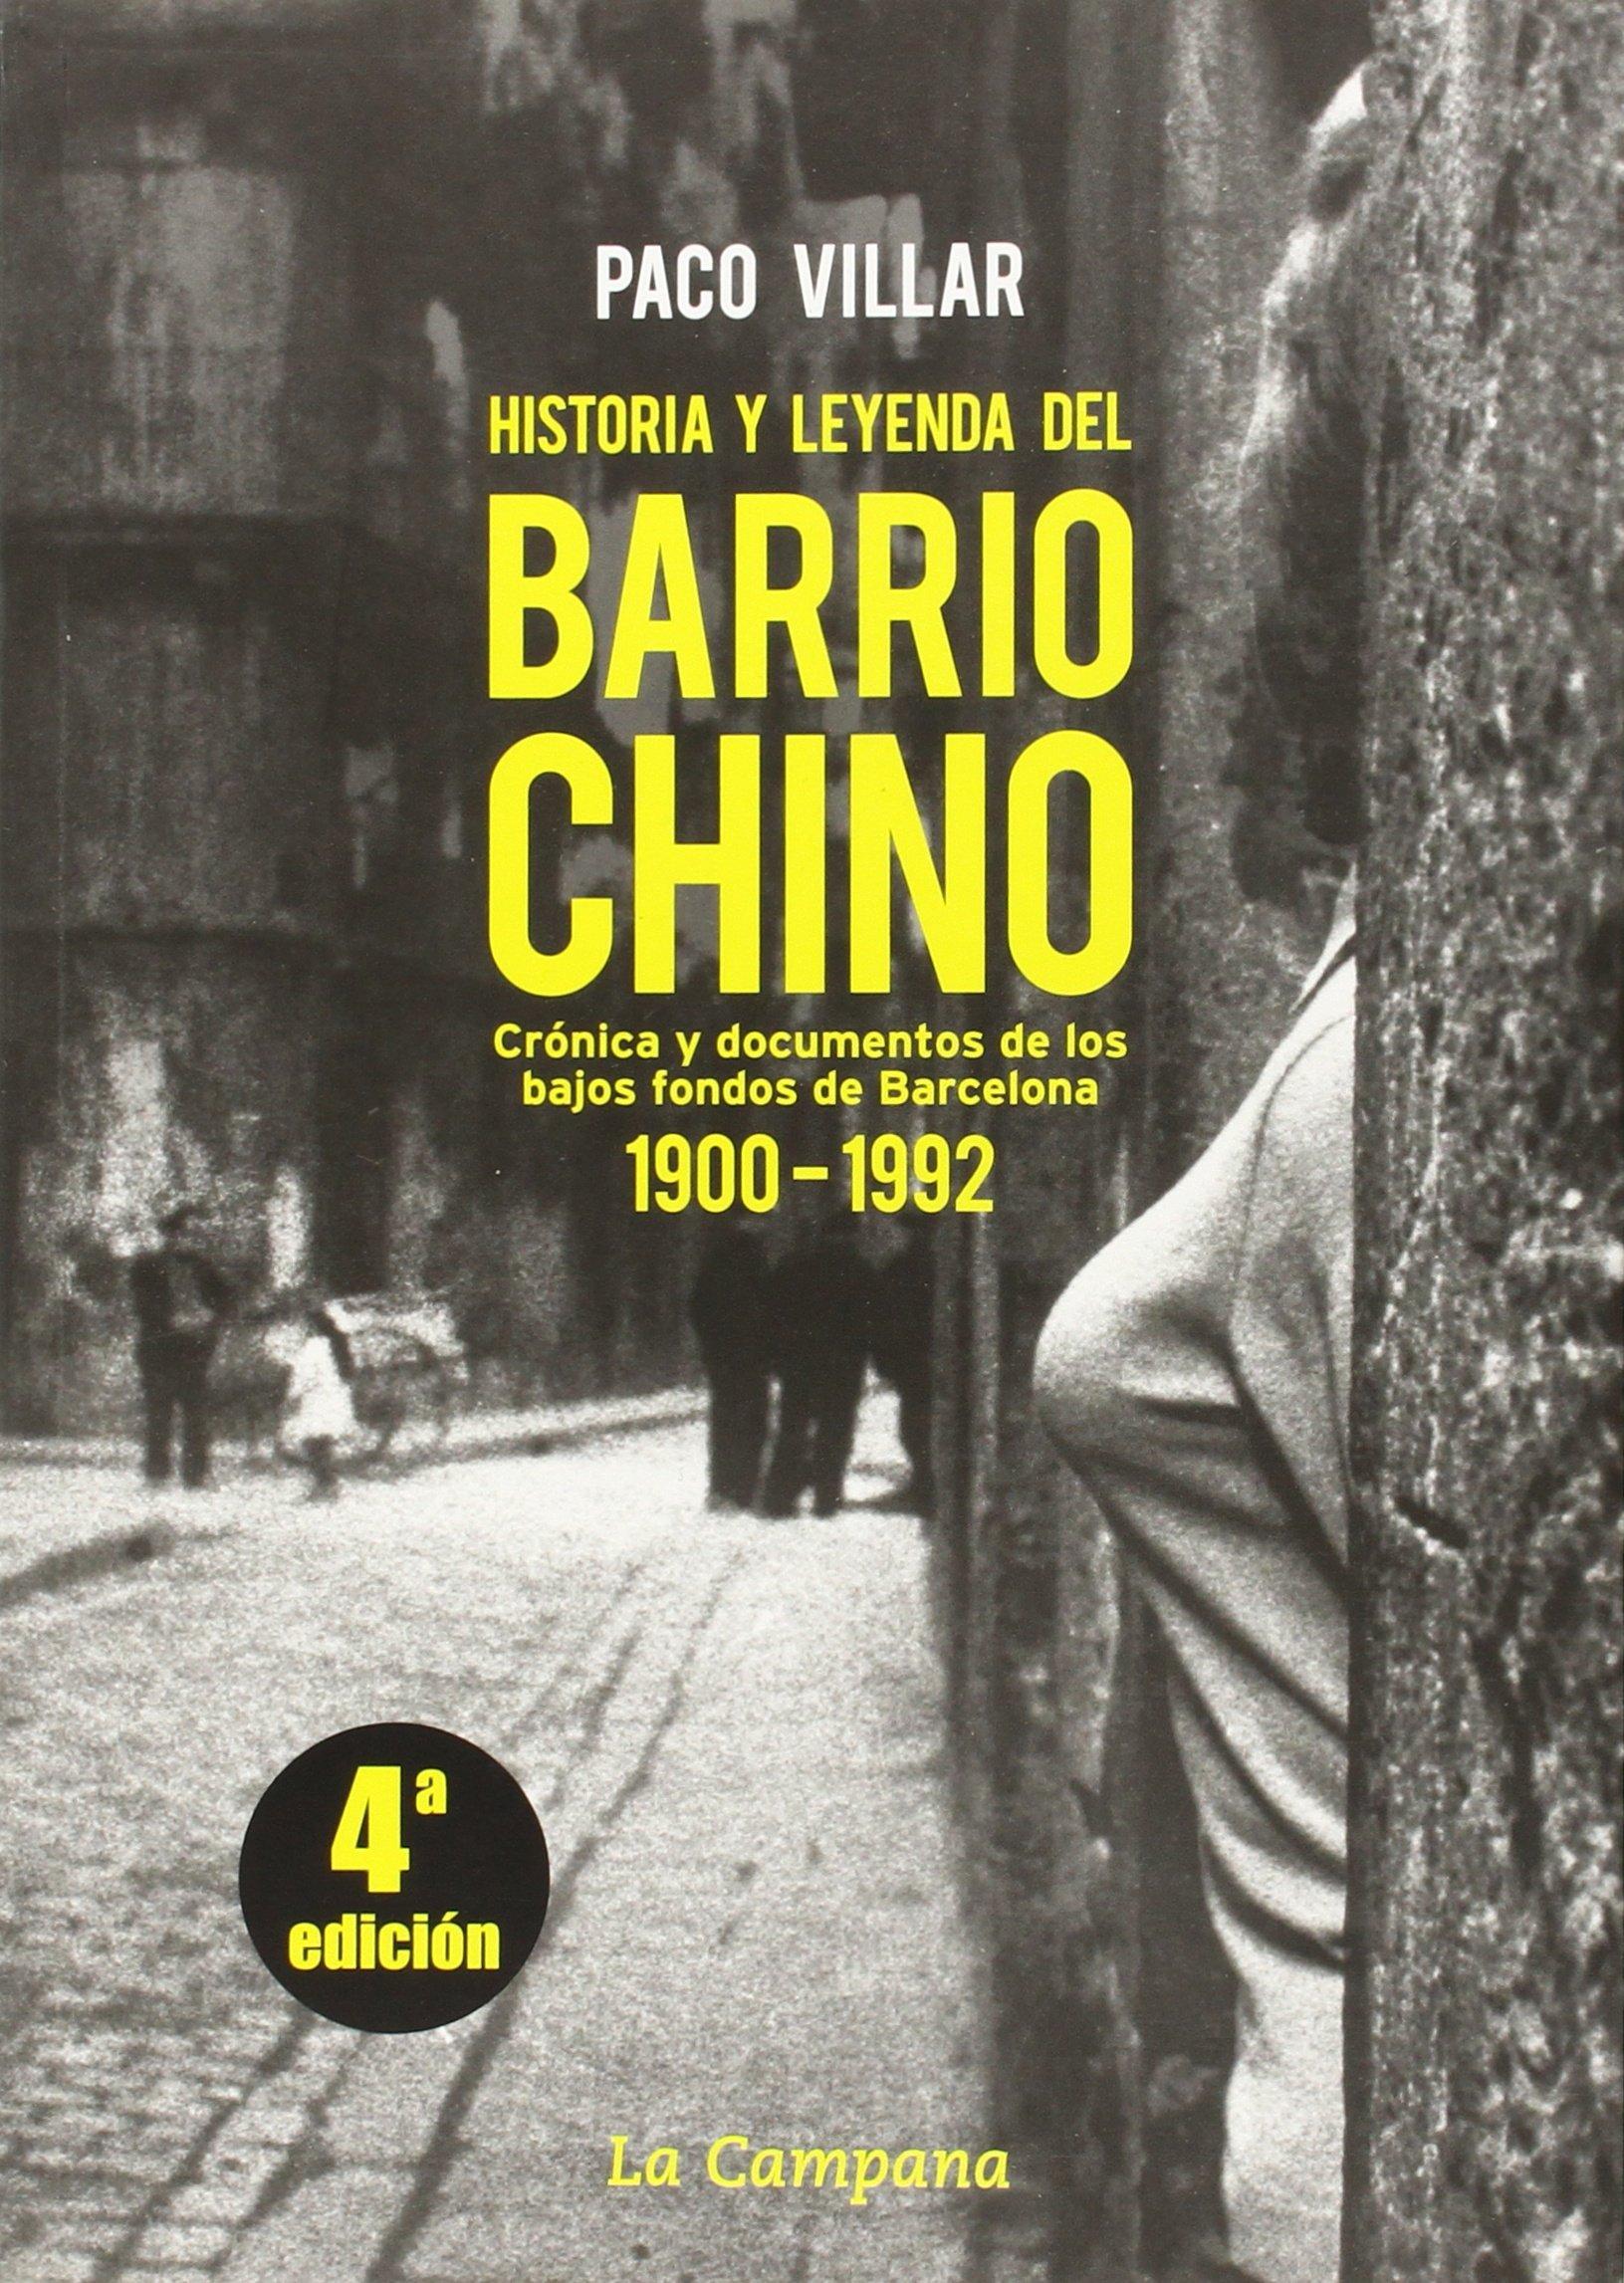 Historia y leyenda del Barrio Chino: Amazon.es: Villar, Paco: Libros